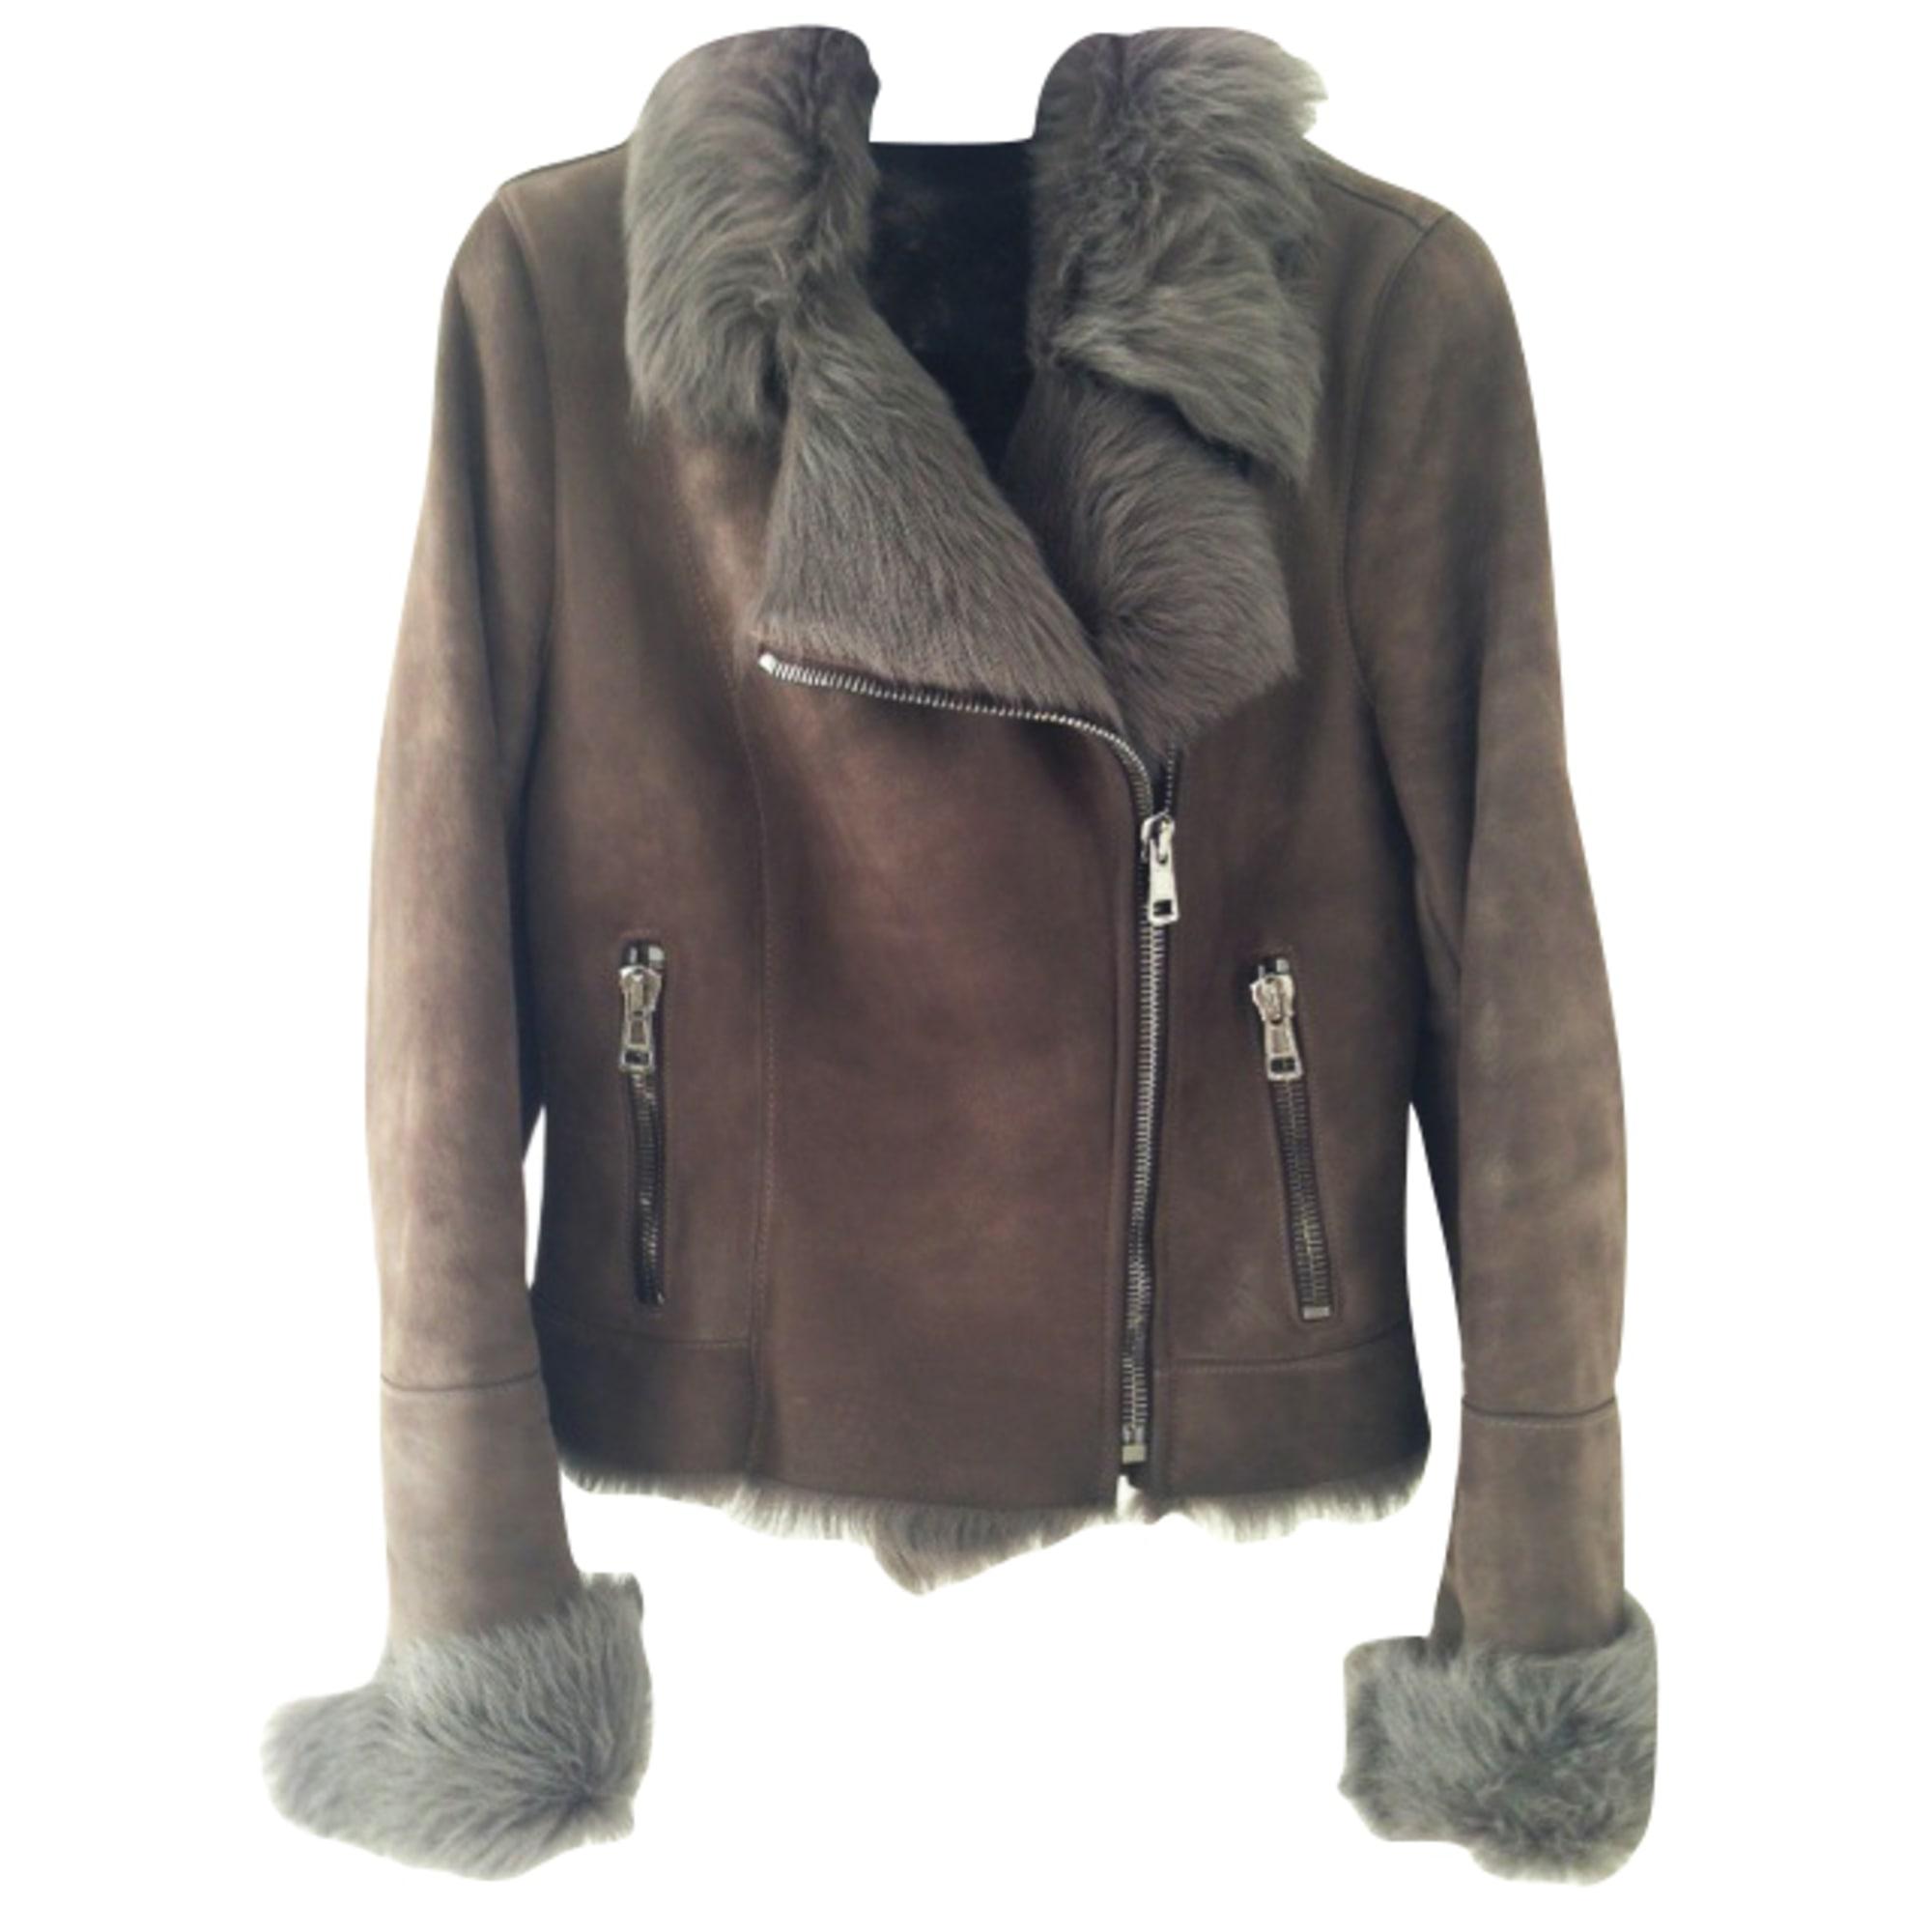 d75bf17c9a00 Blouson, veste en fourrure VENTCOUVERT 38 (M, T2) kaki vendu par Cr ...